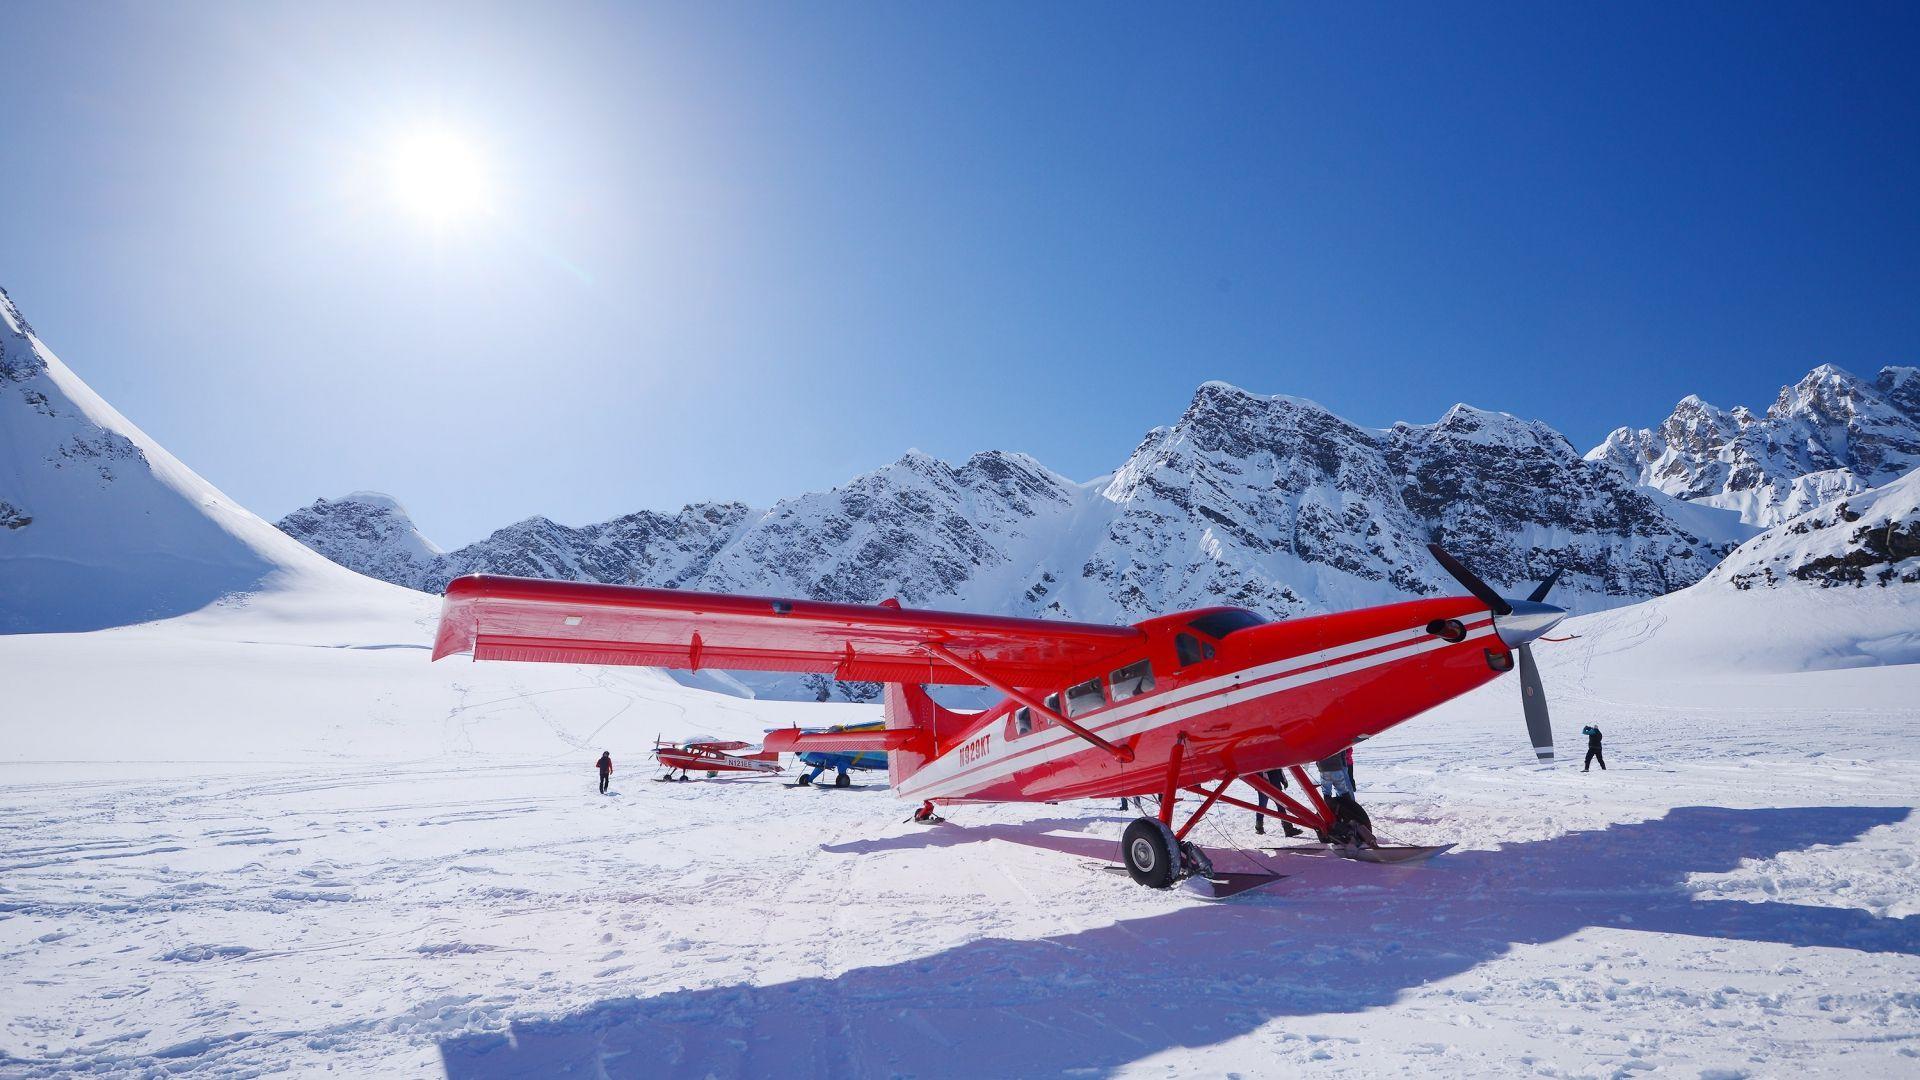 Keliautojams siūloma išbandyti skrydį lėktuvu virš Aliaskos